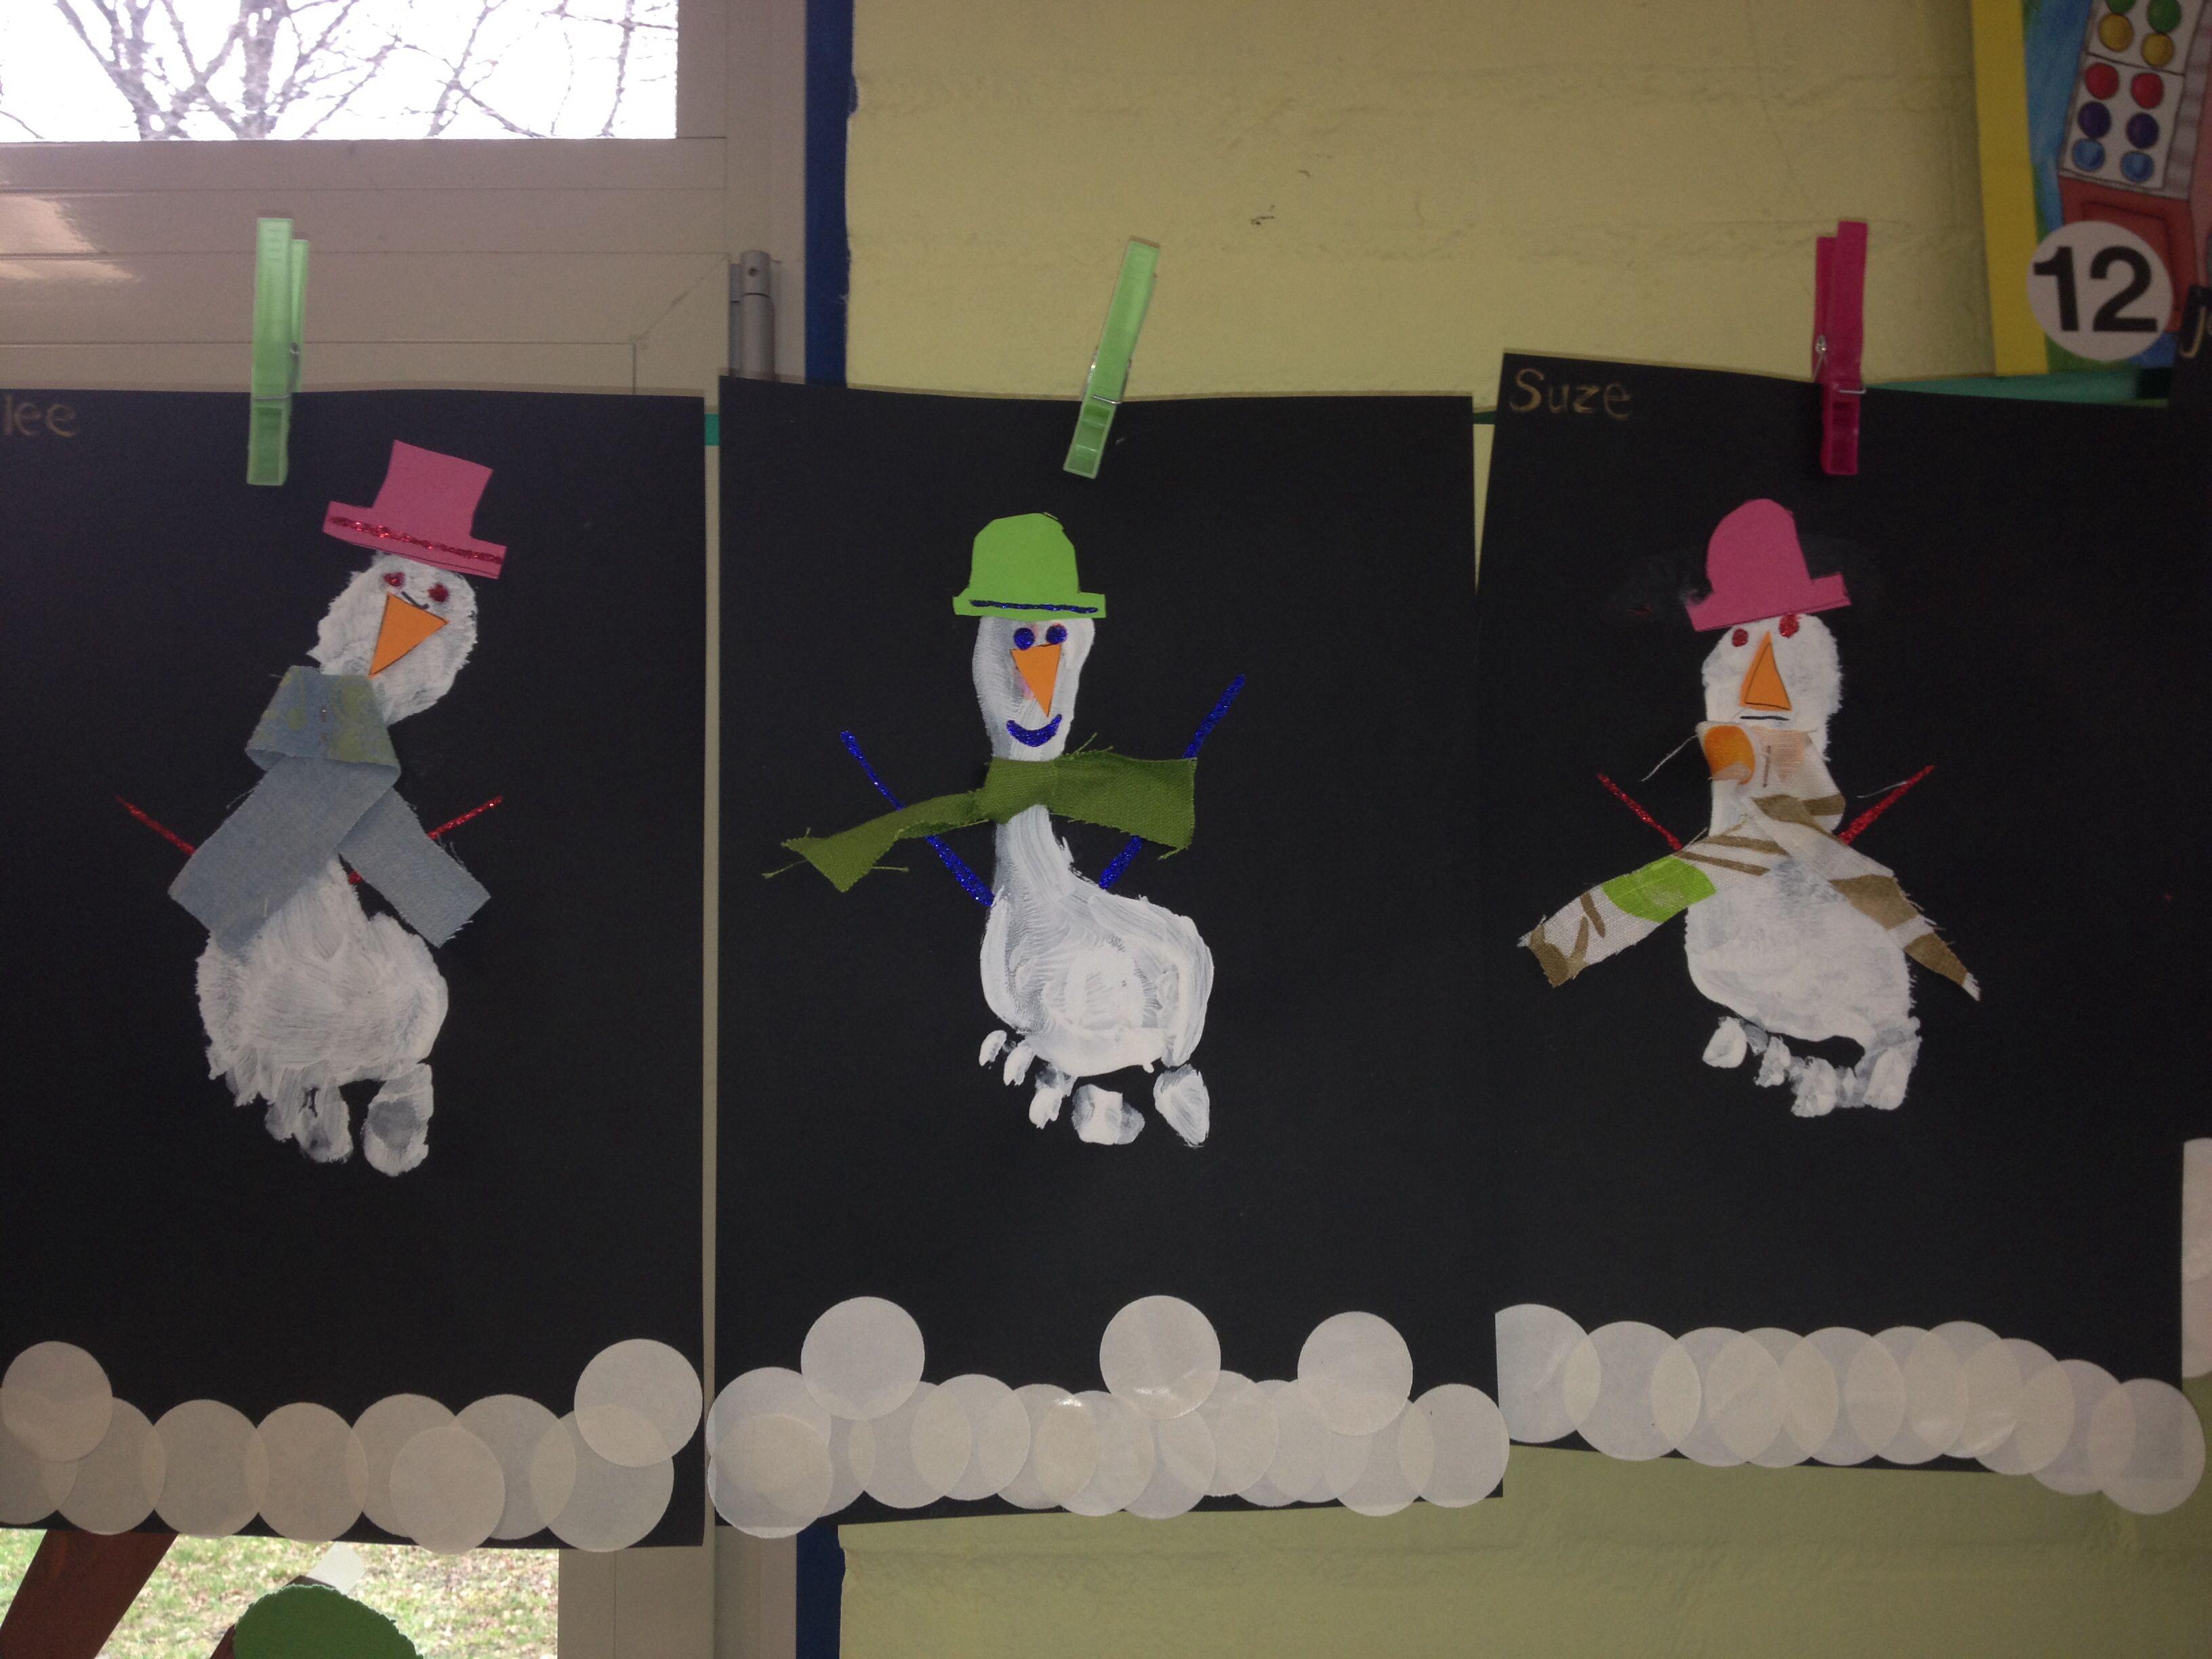 Onderkant van de voeten beschilderen met witte verf en op een donker vel papier afdrukken. Erna de sneeuwpop versieren met een sjaal en hoed